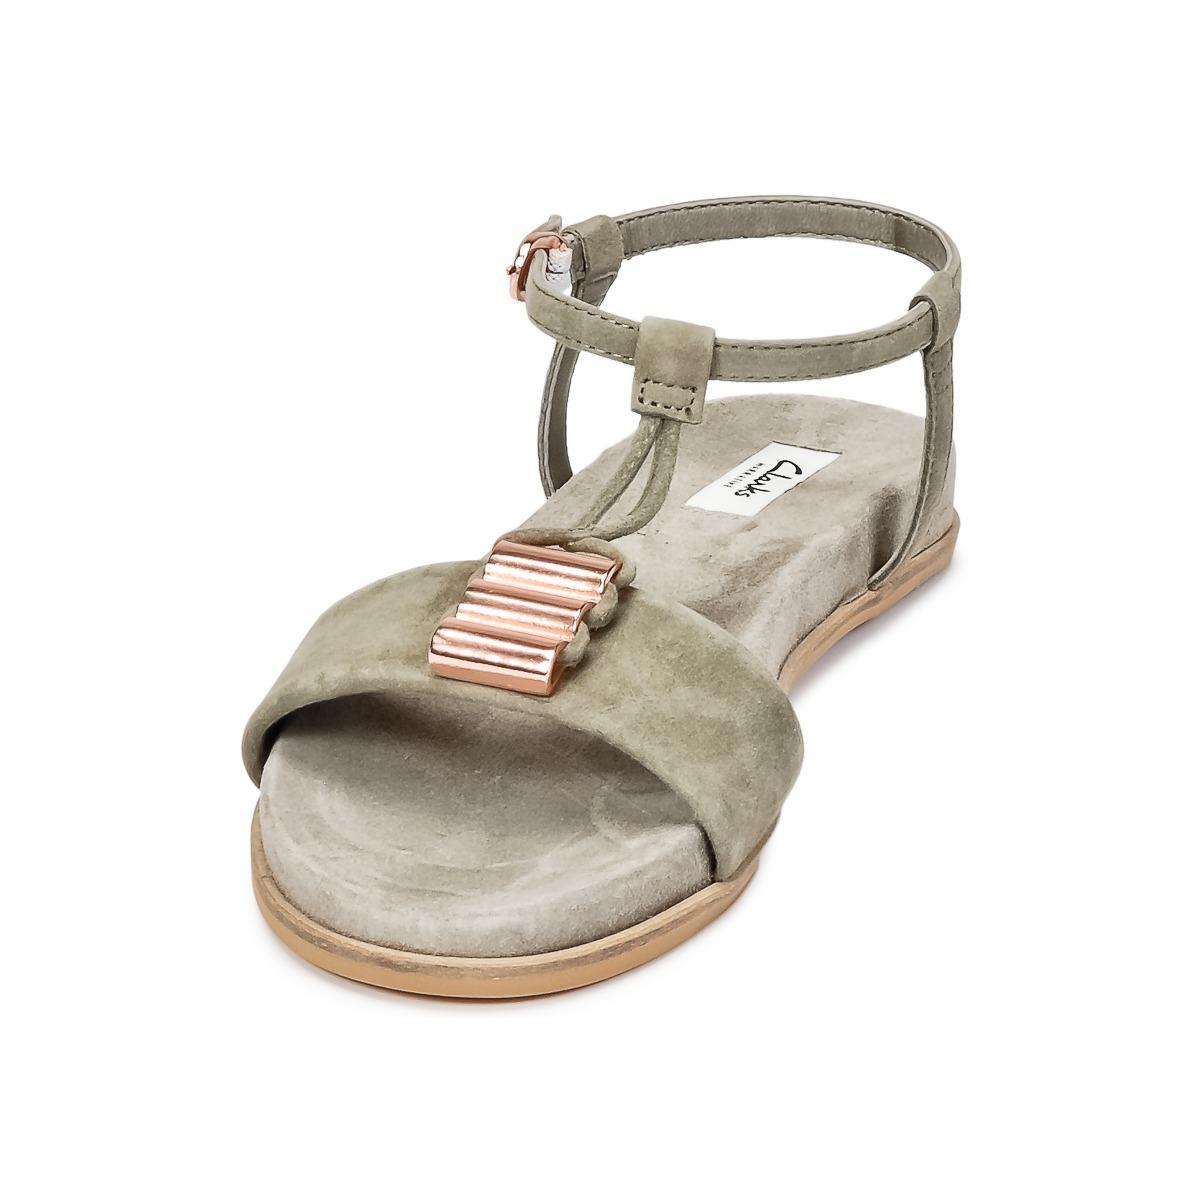 fe53b2004aa Clarks Agean Cool Women s Sandals In Grey in Gray - Lyst